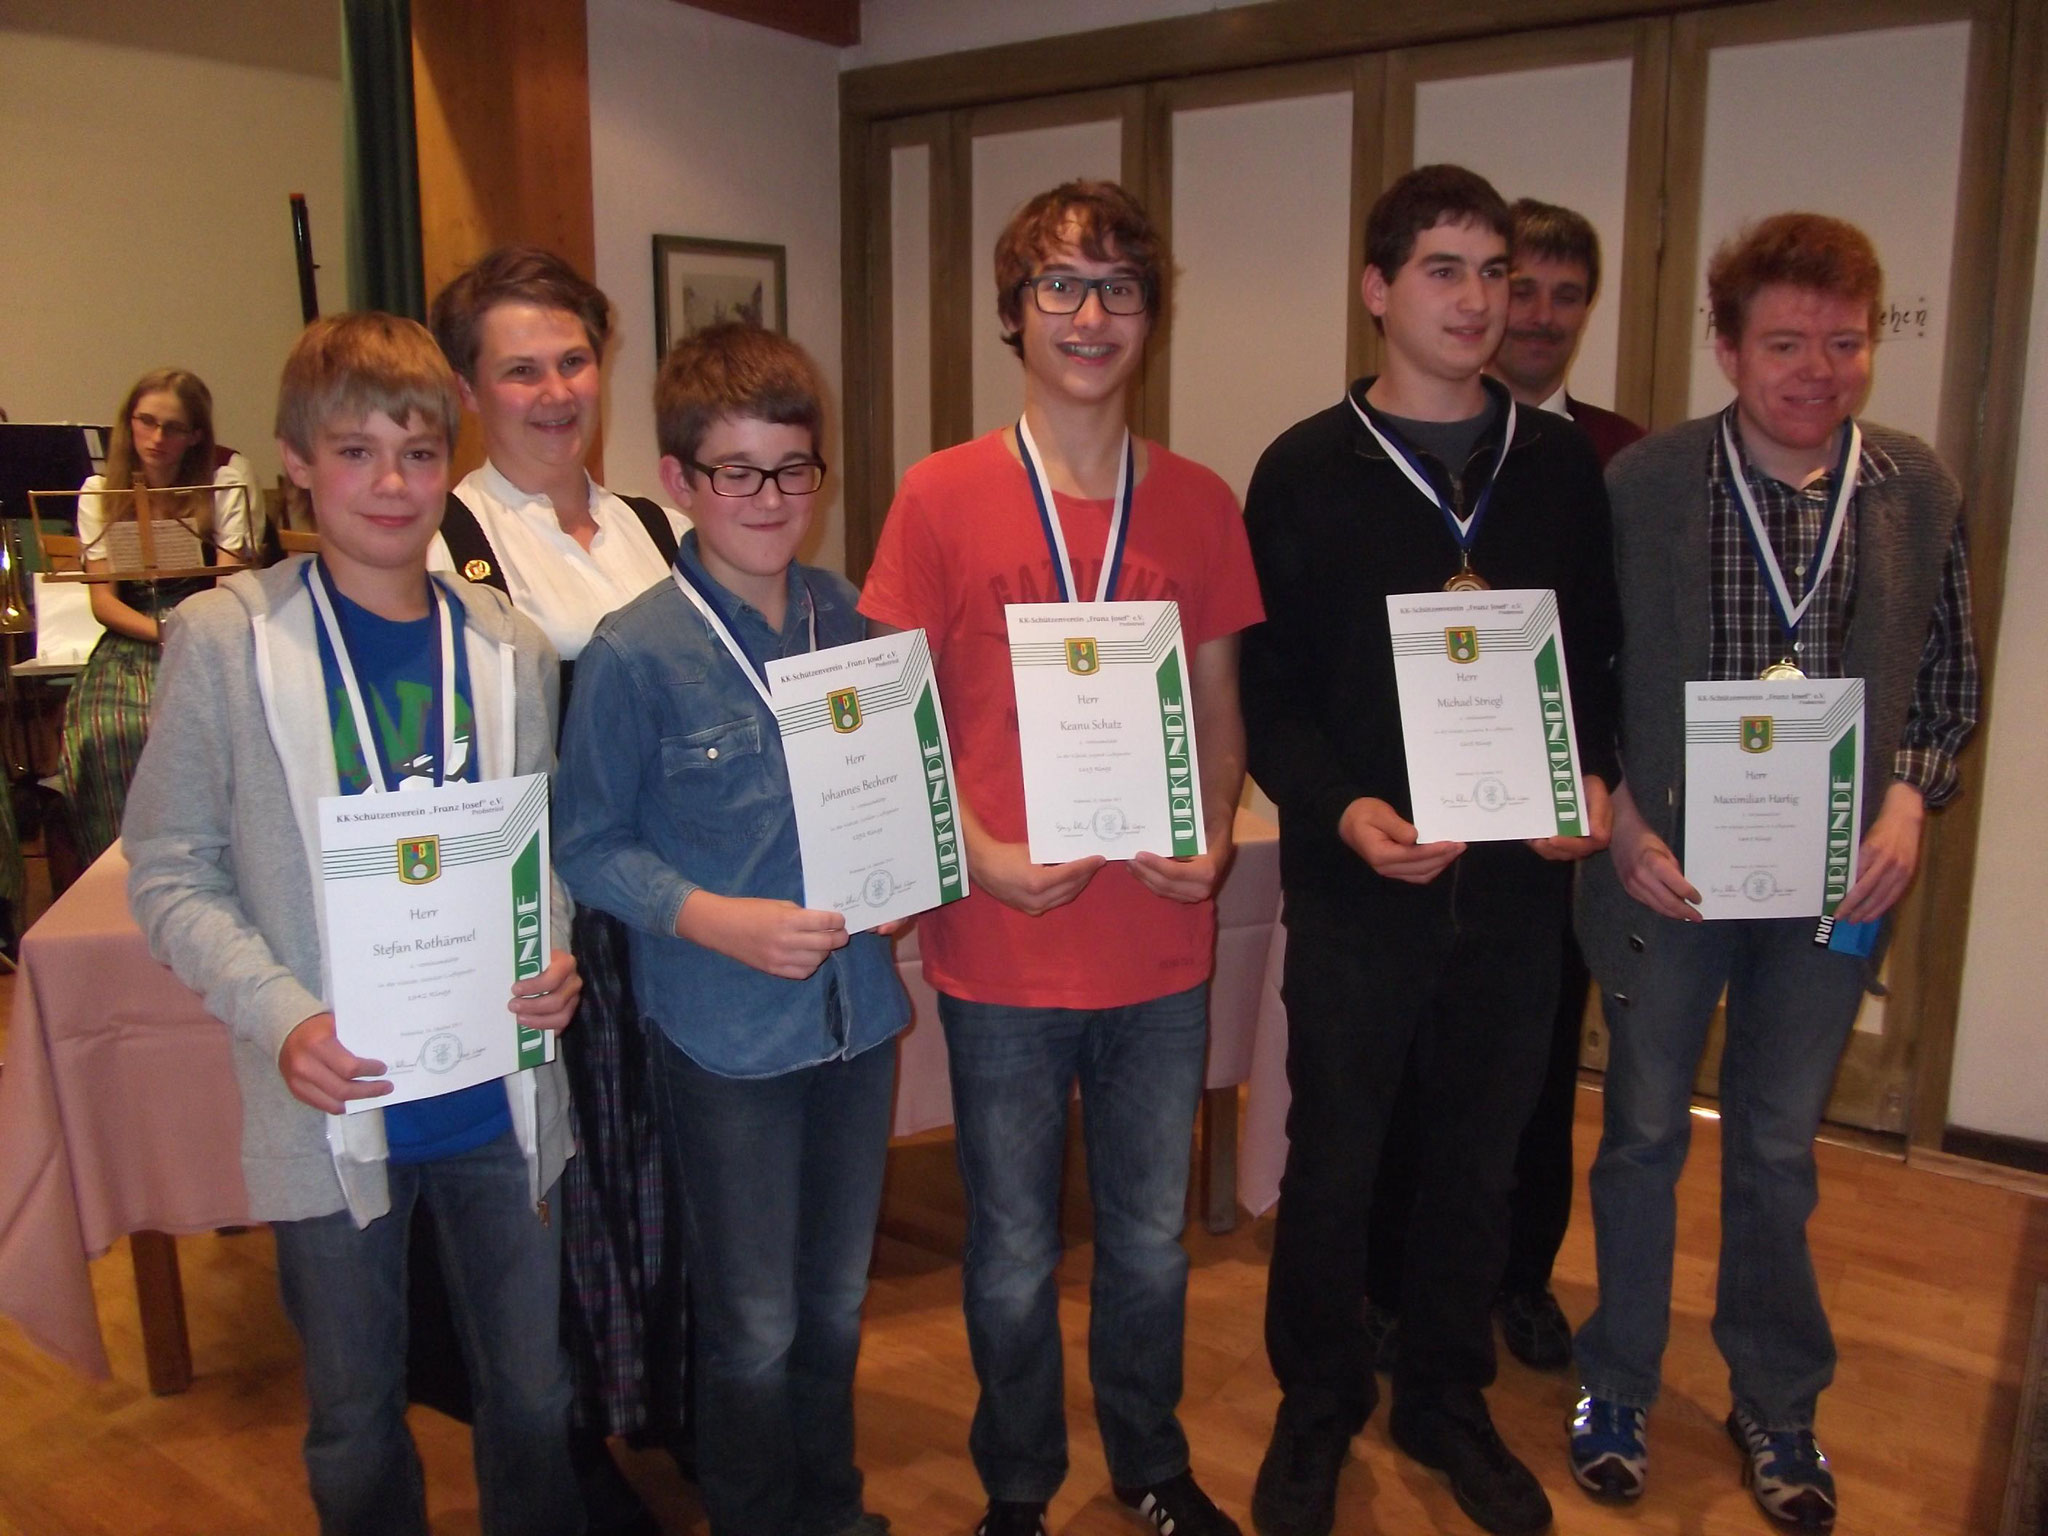 Jugendleiterin Heidi Wagner mit der Jugend bei der Preisverteilung 2015